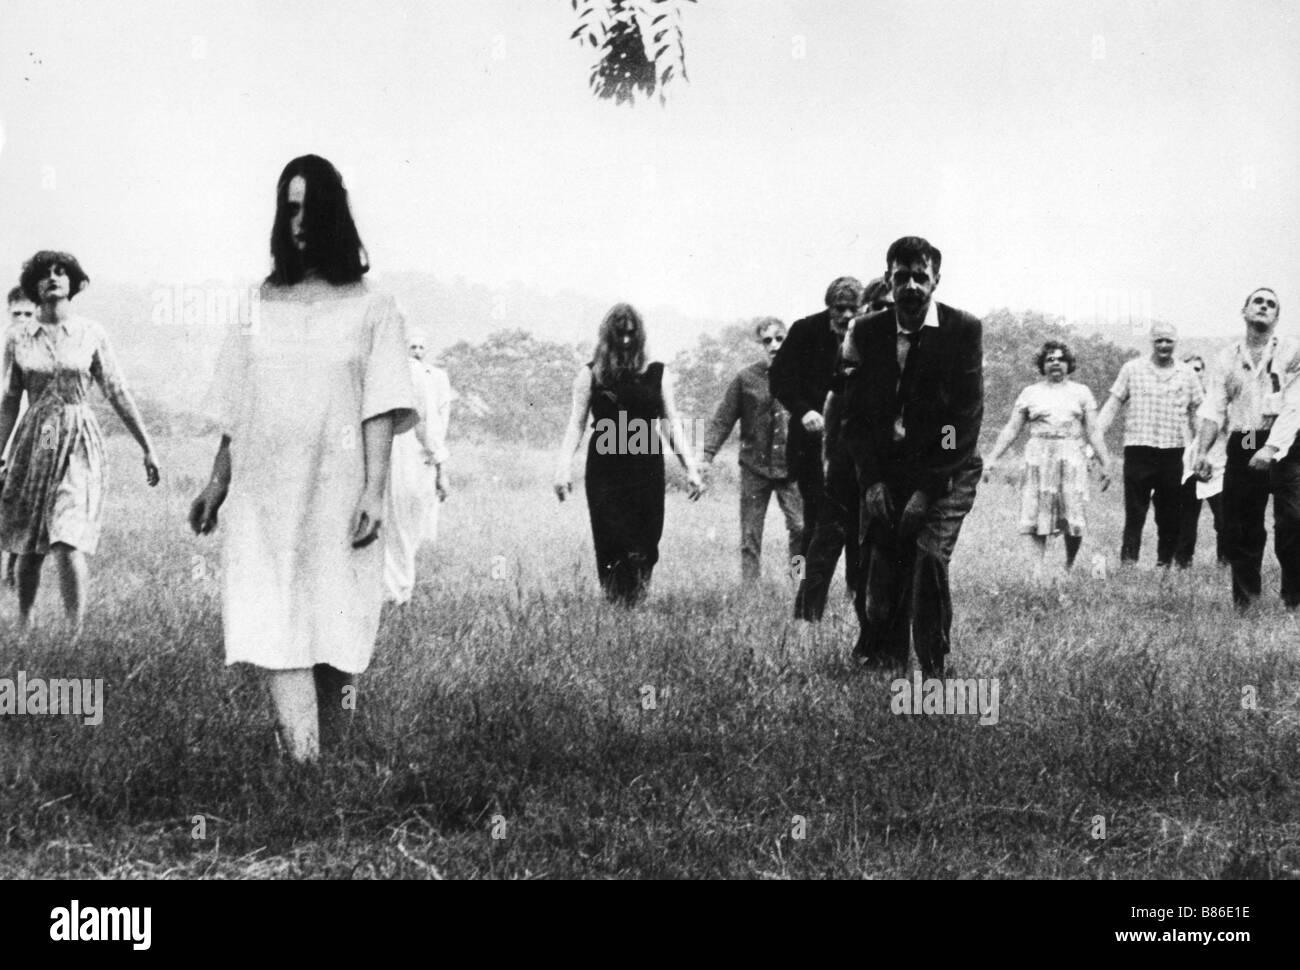 la nuit des morts vivants Année 1968 Night of the Living Dead Année 1968 USA Réalisateur George A Romero Stock Photo